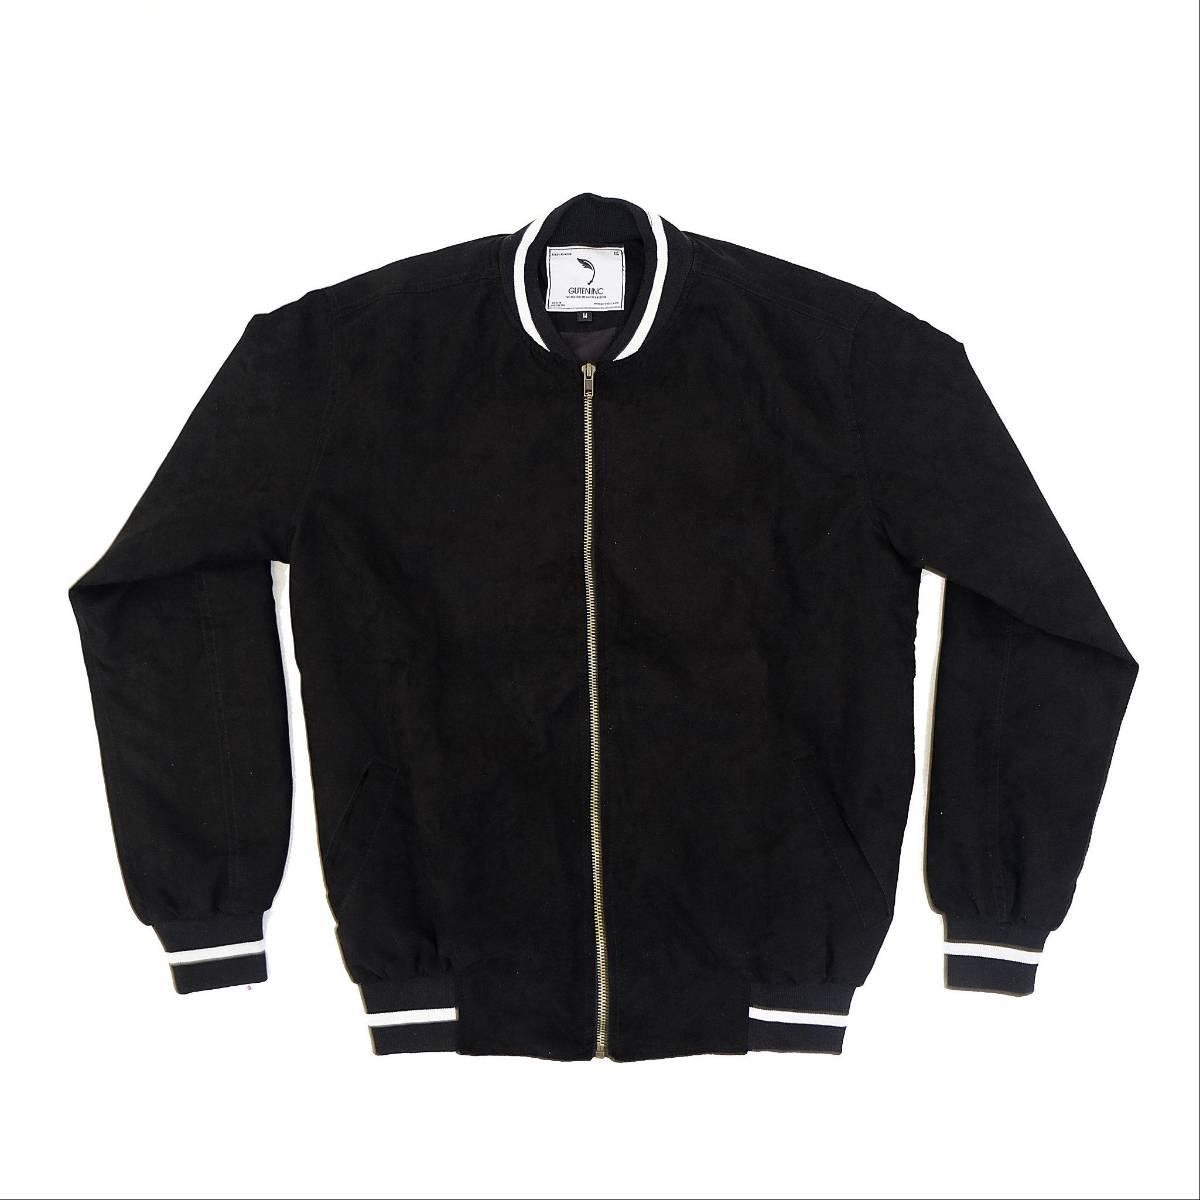 Jaket / Seth Suede Bomber Jacket Black